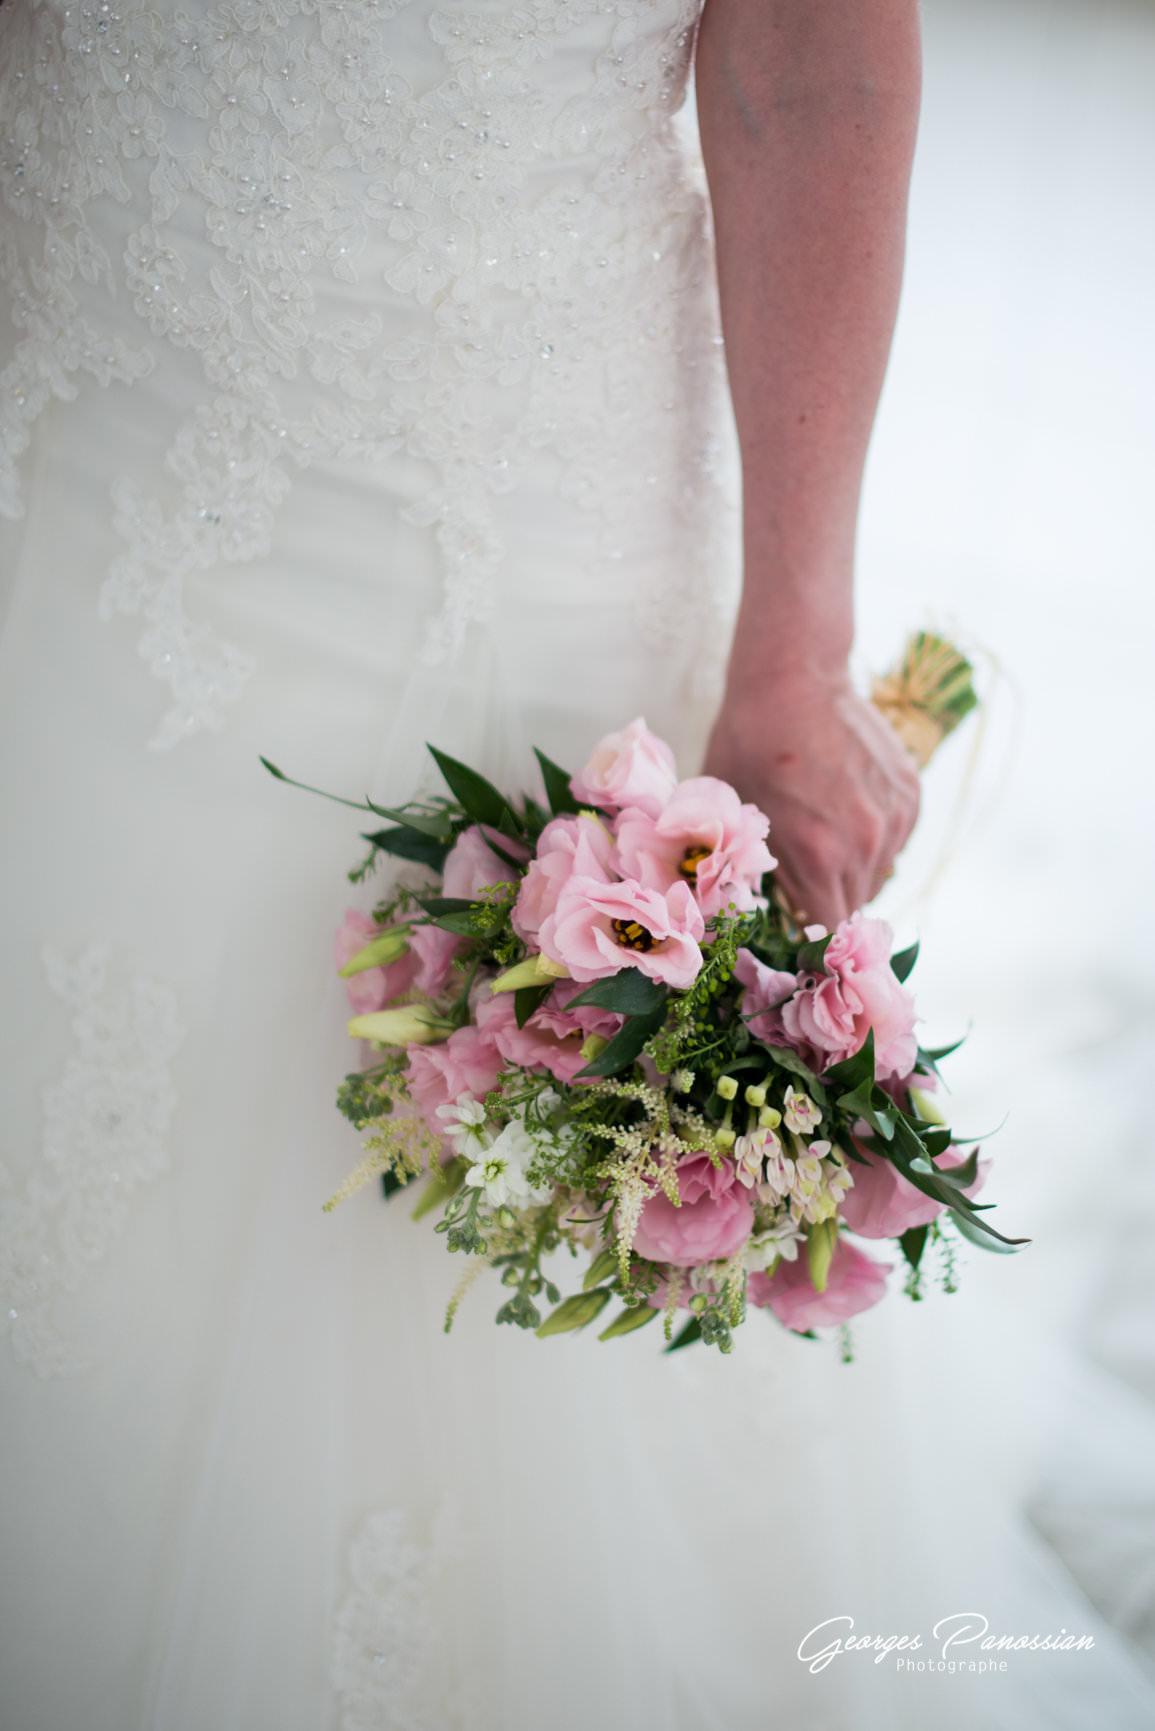 Mariage rétro champetre- Bouquet de mariée champetre- Alliance Rêvée